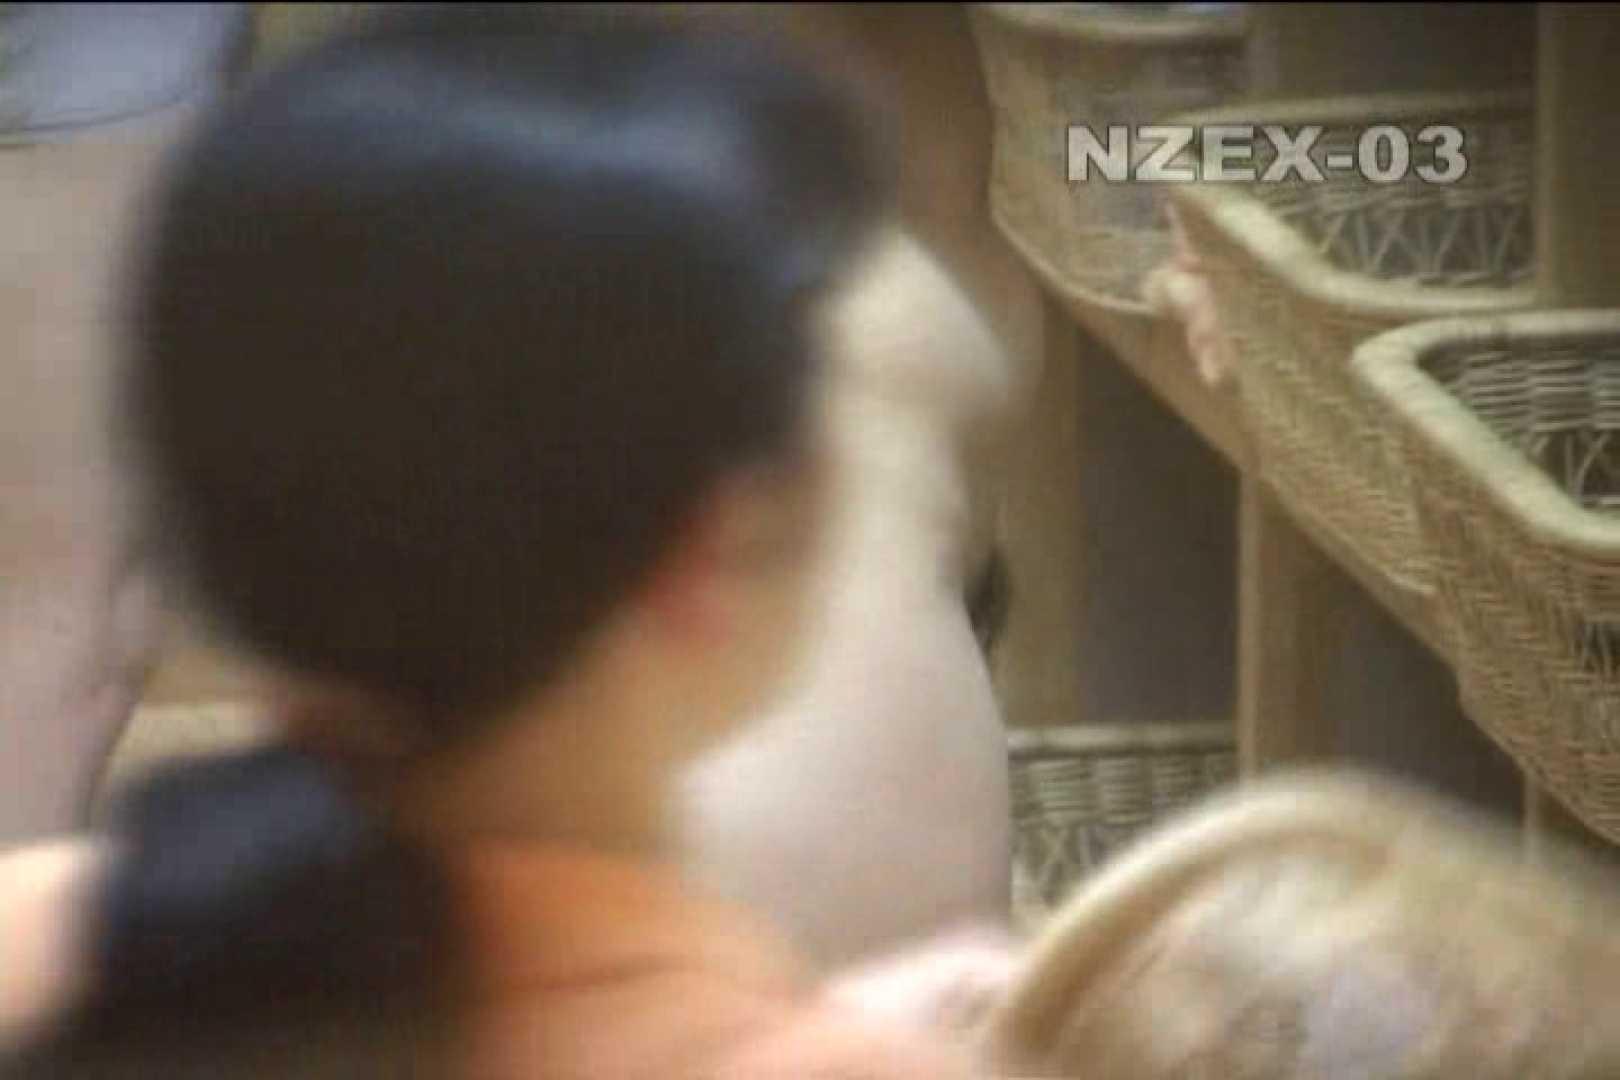 覗き穴 nzex-03_02 乳首 おまんこ動画流出 43連発 33